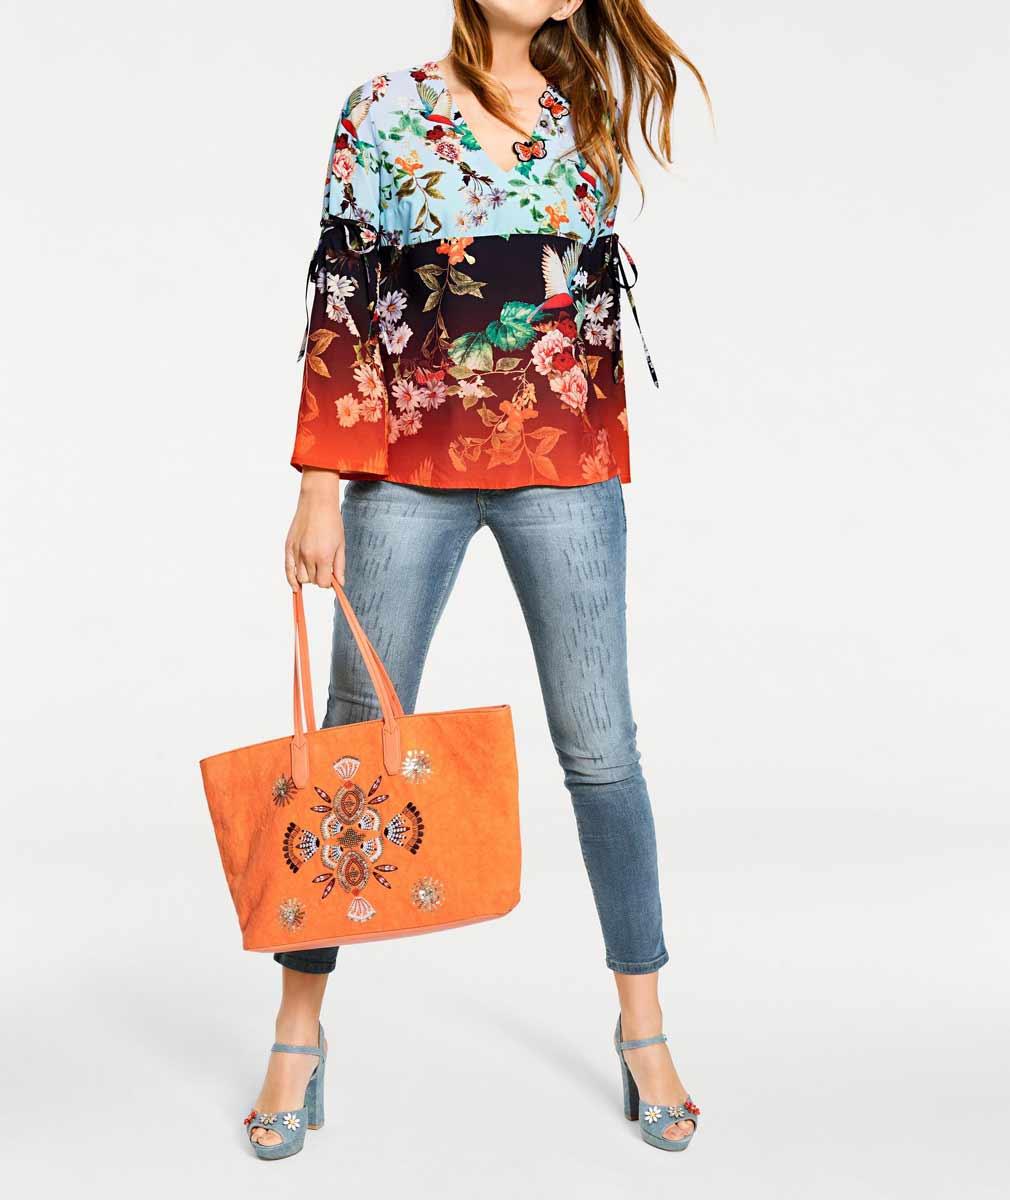 602.301 HEINE Shopper mit Pailletten, orange